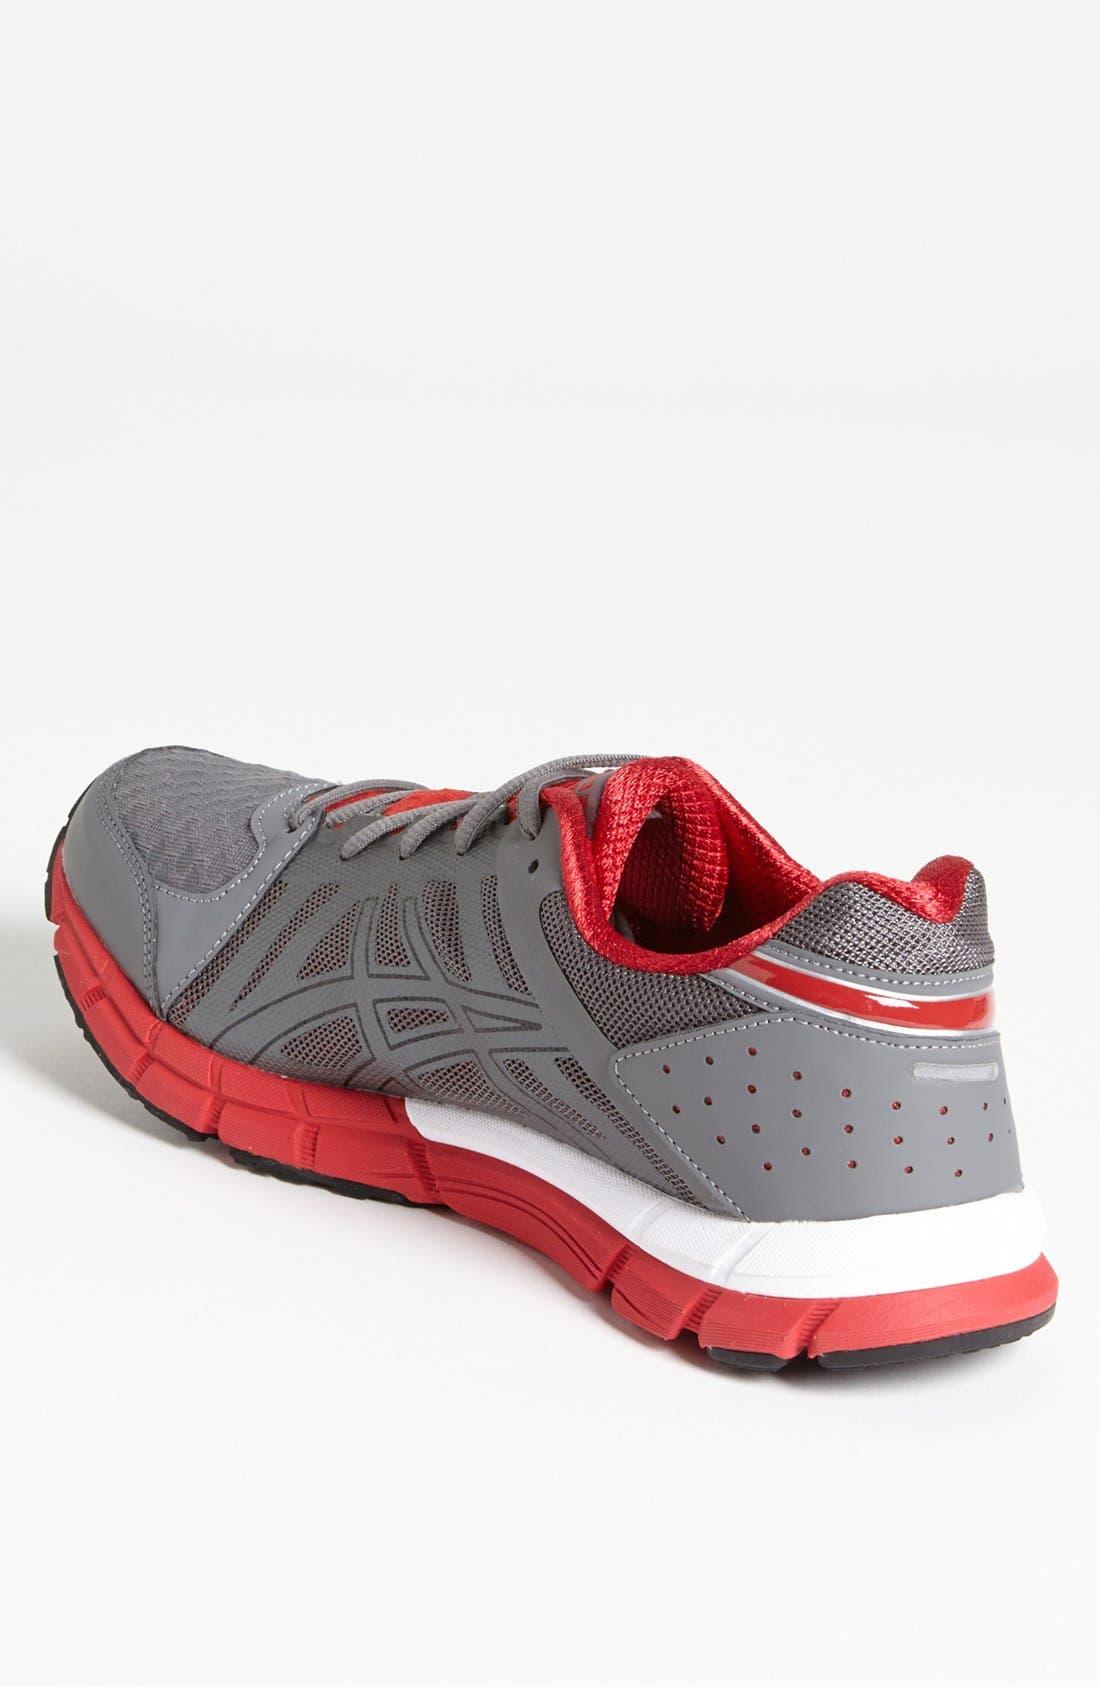 Alternate Image 2  - ASICS 'GEL-Lyte 33 2.0' Running Shoe (Men)